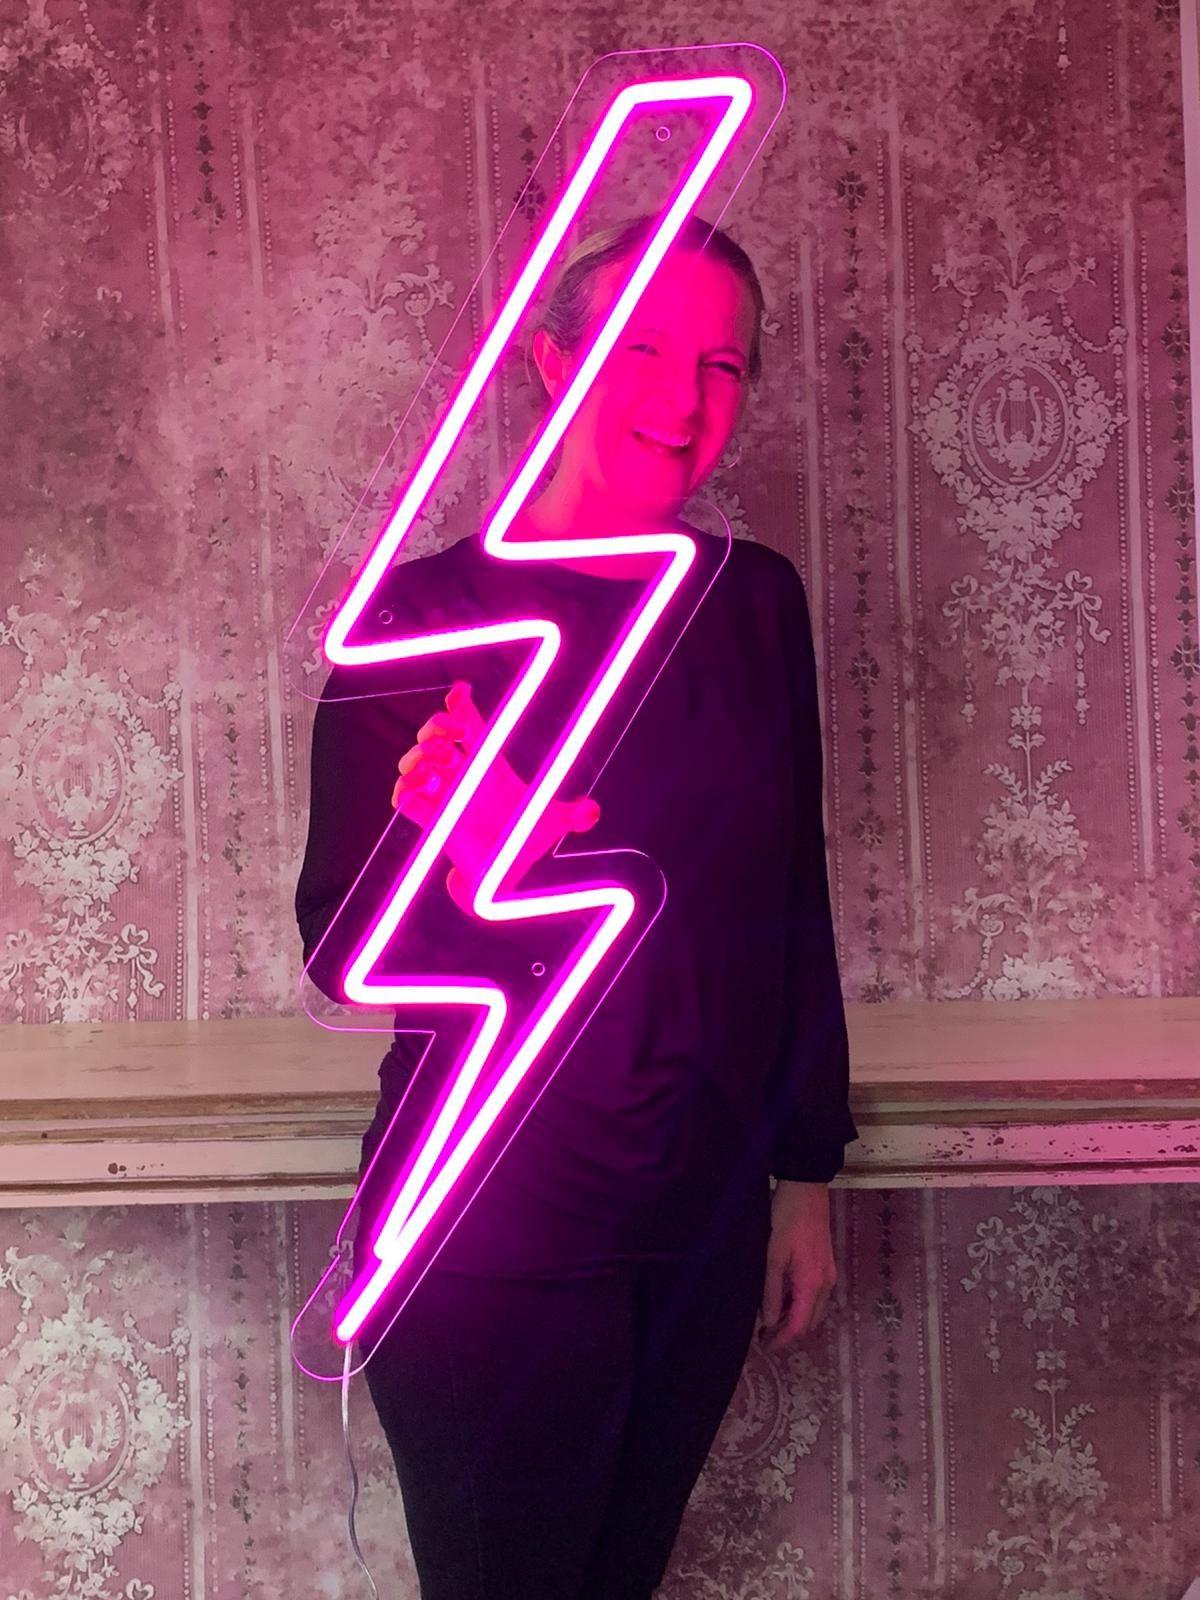 DIY Neon Sign Zelf Neon Verlichting Maken Diy neon